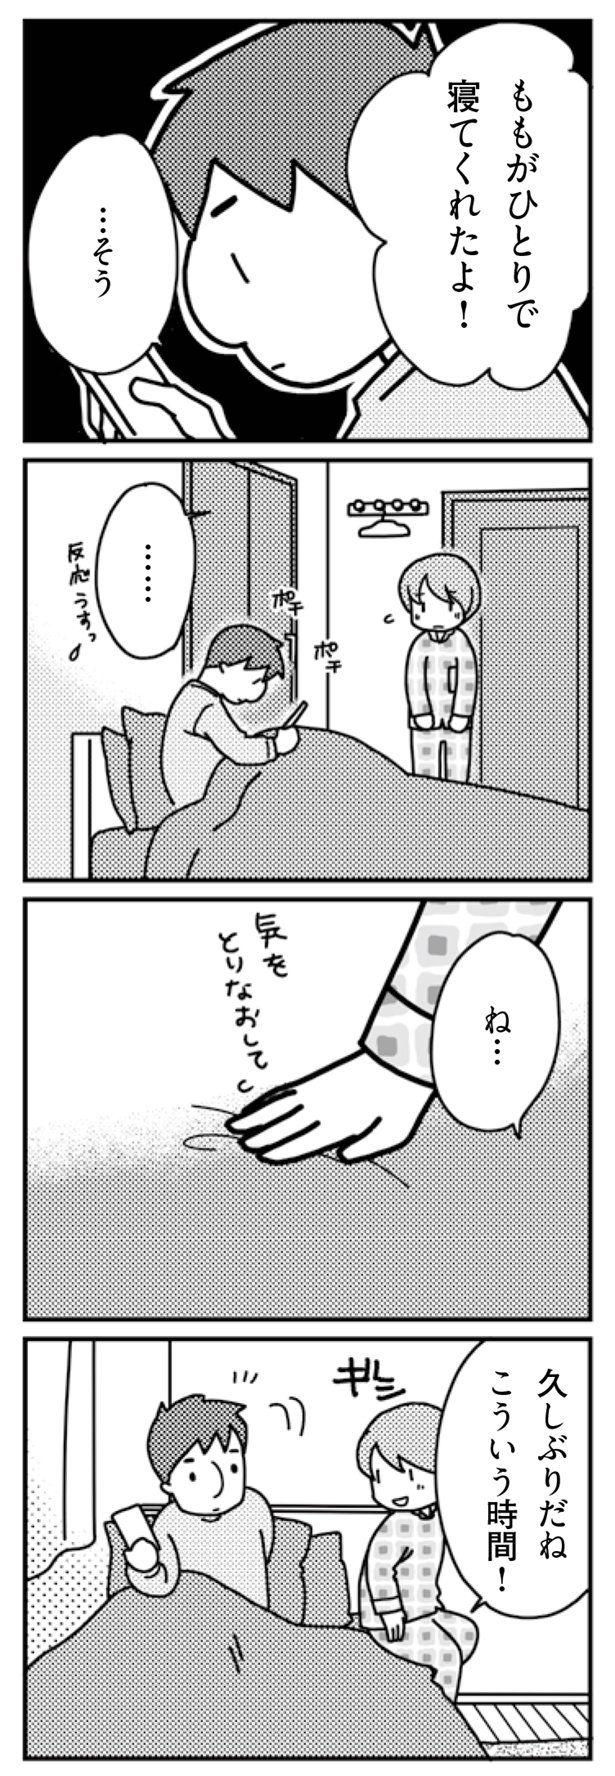 キューライス On Twitter Usagi Comics Make It Yourself